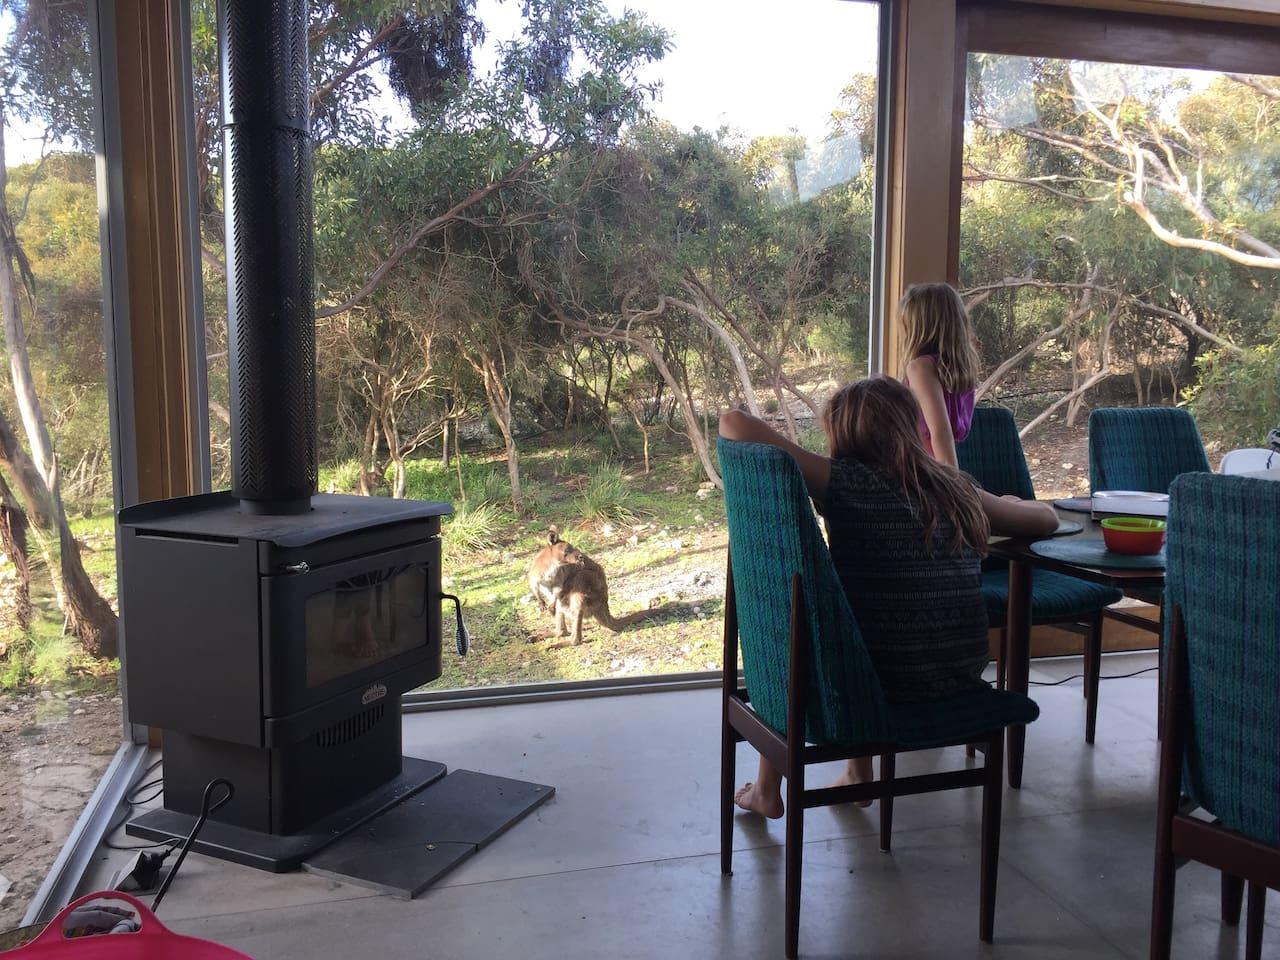 Kangaroo coming to visit